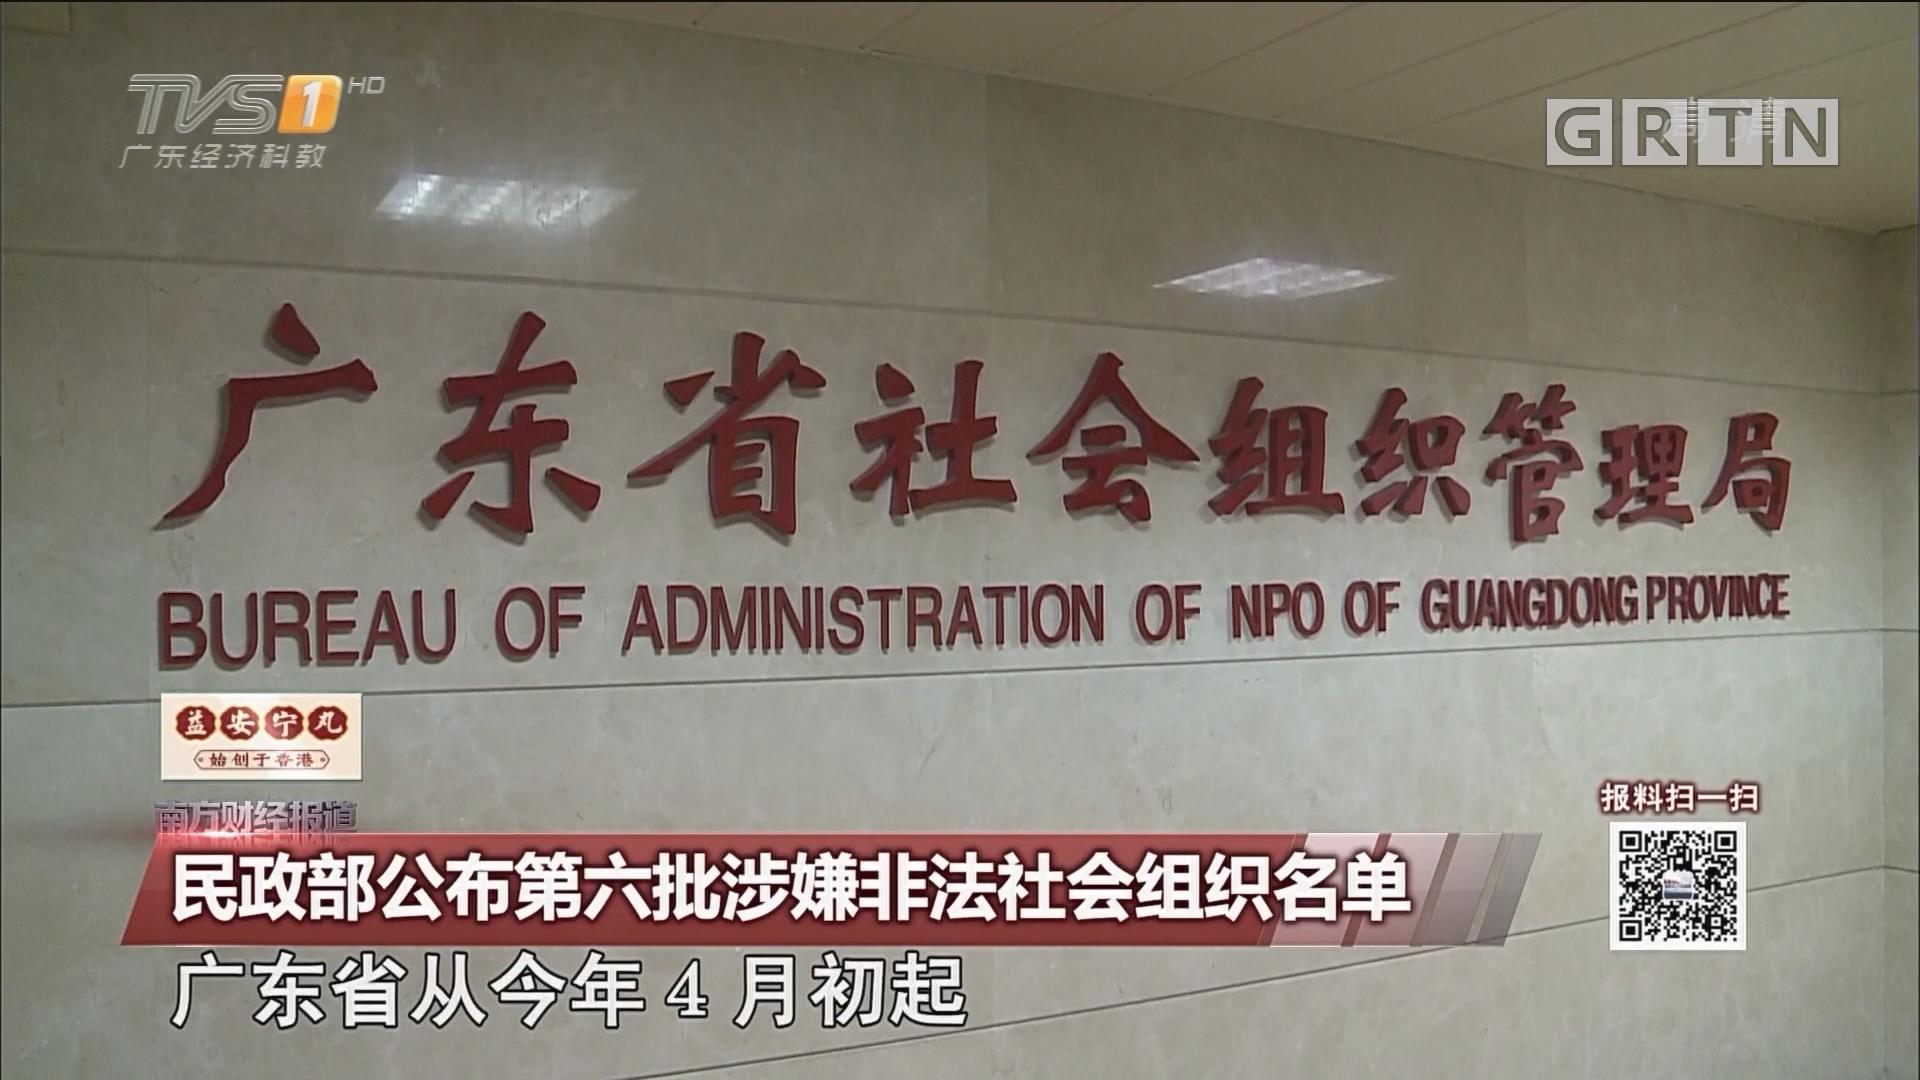 民政部公布第六批涉嫌非法社会组织名单